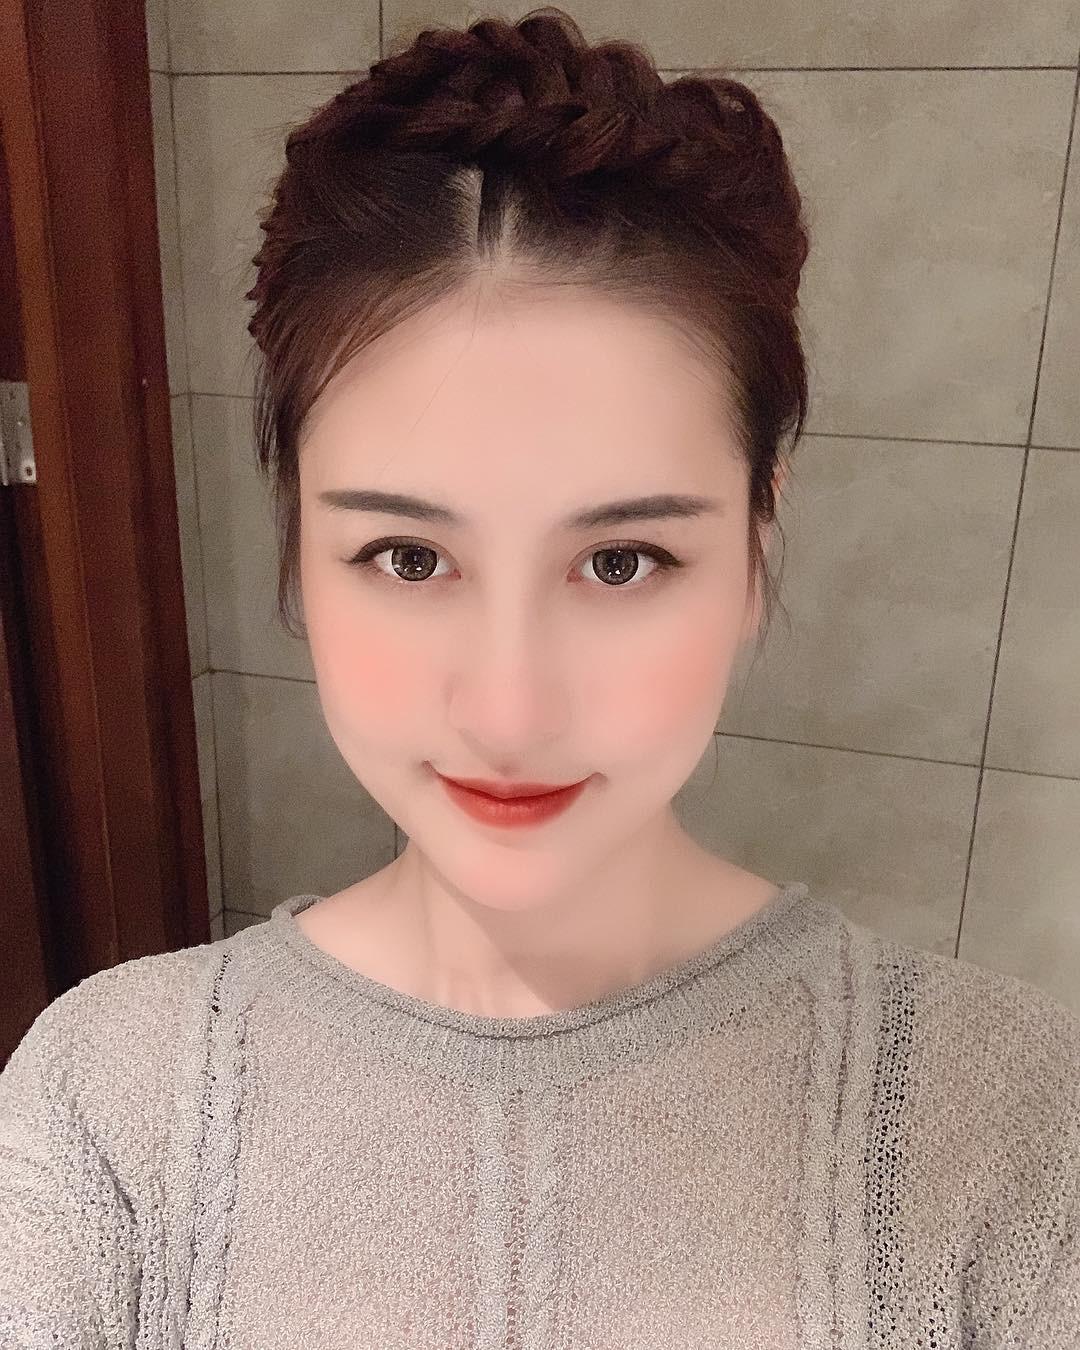 Hà Lade lần đầu chia sẻ về bạn trai mới: Người chả thèm chê mình xấu khi vừa làm đủ trò phẫu thuật bên Hàn Quốc-2